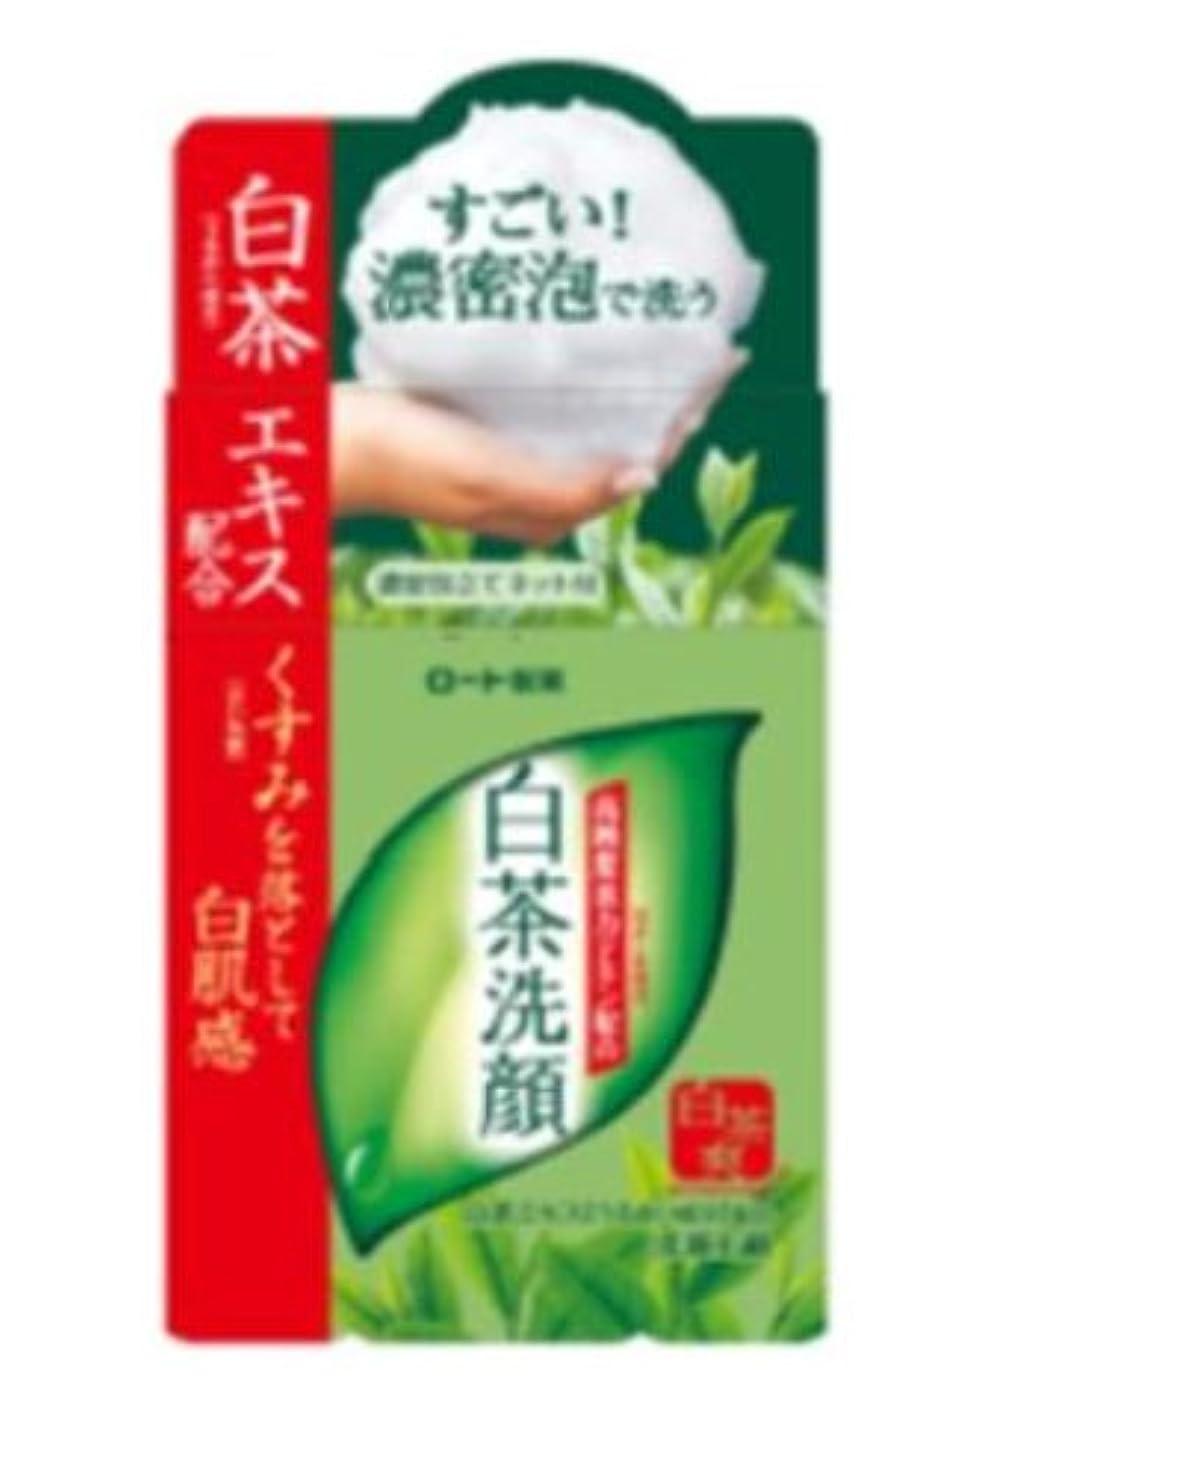 ギャップ甘やかすロート製薬 白茶爽 白茶洗顔石鹸 高純度茶カテキン配合 濃密泡立てネット付 85g